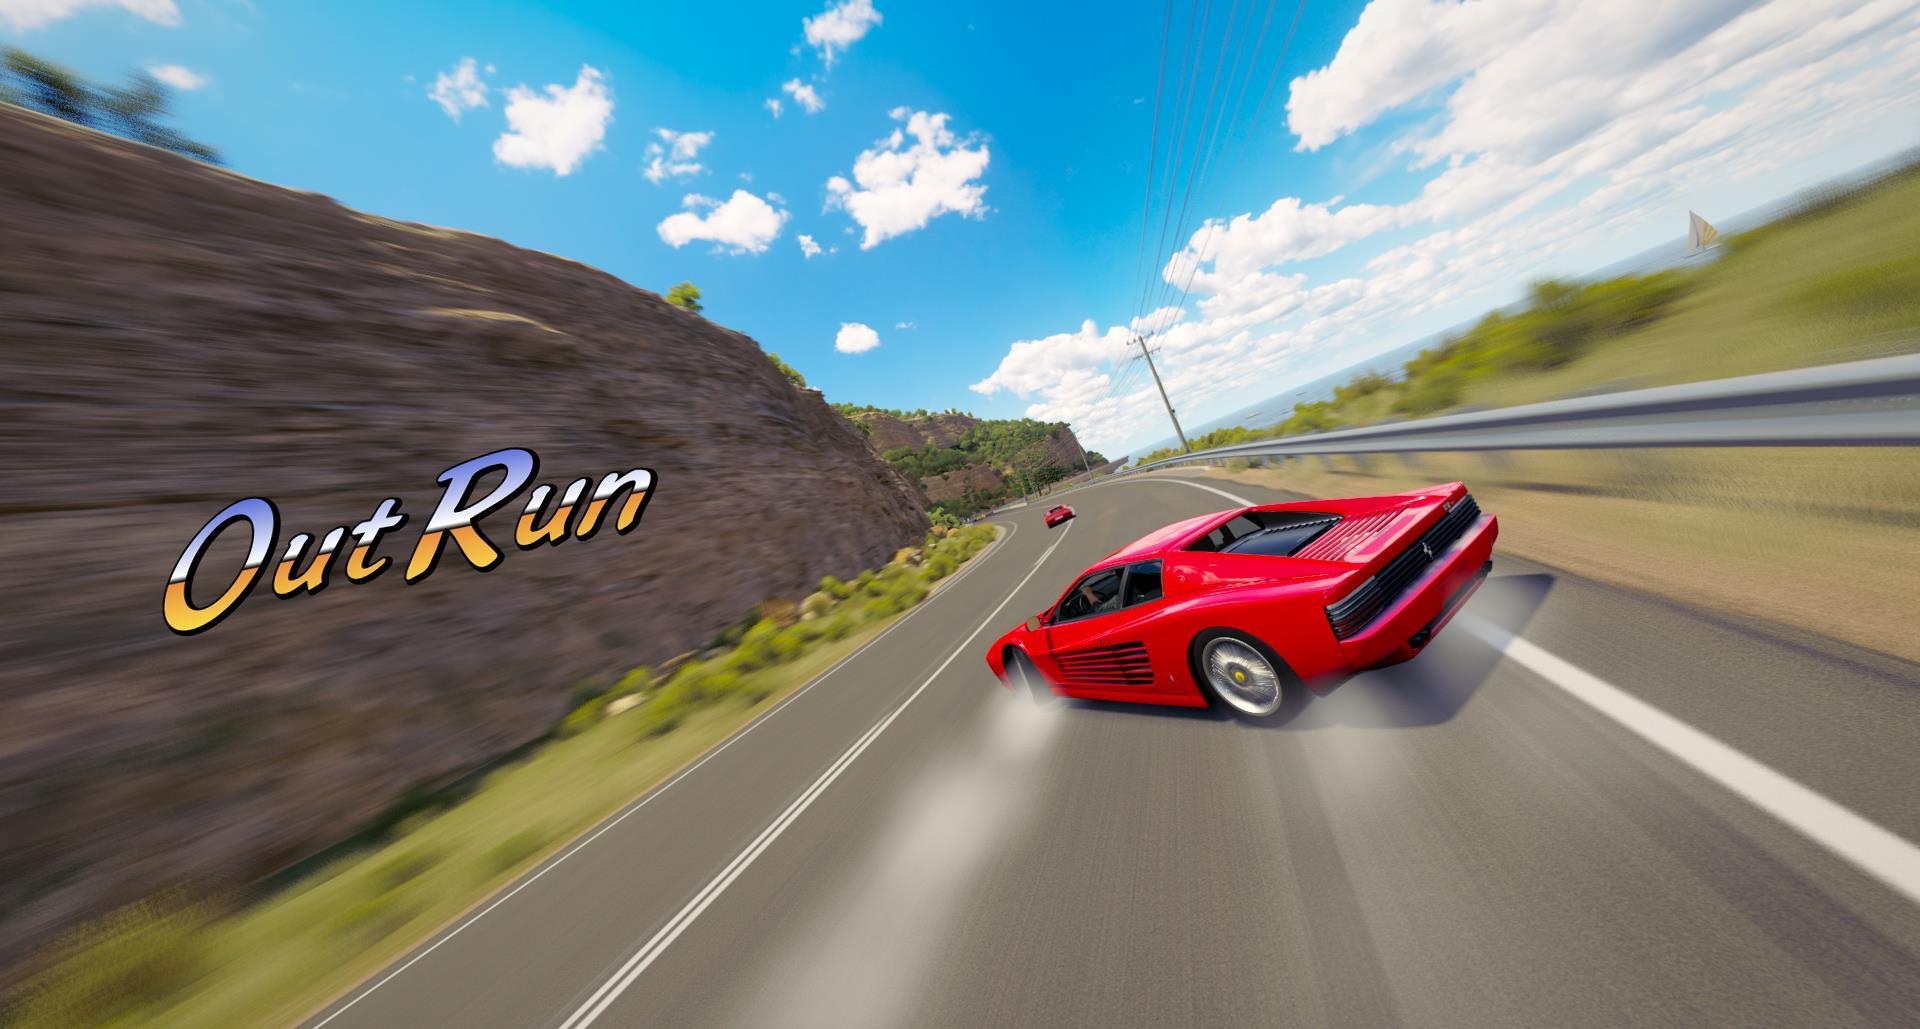 Forza Horizon 3 OutRun community screenshot